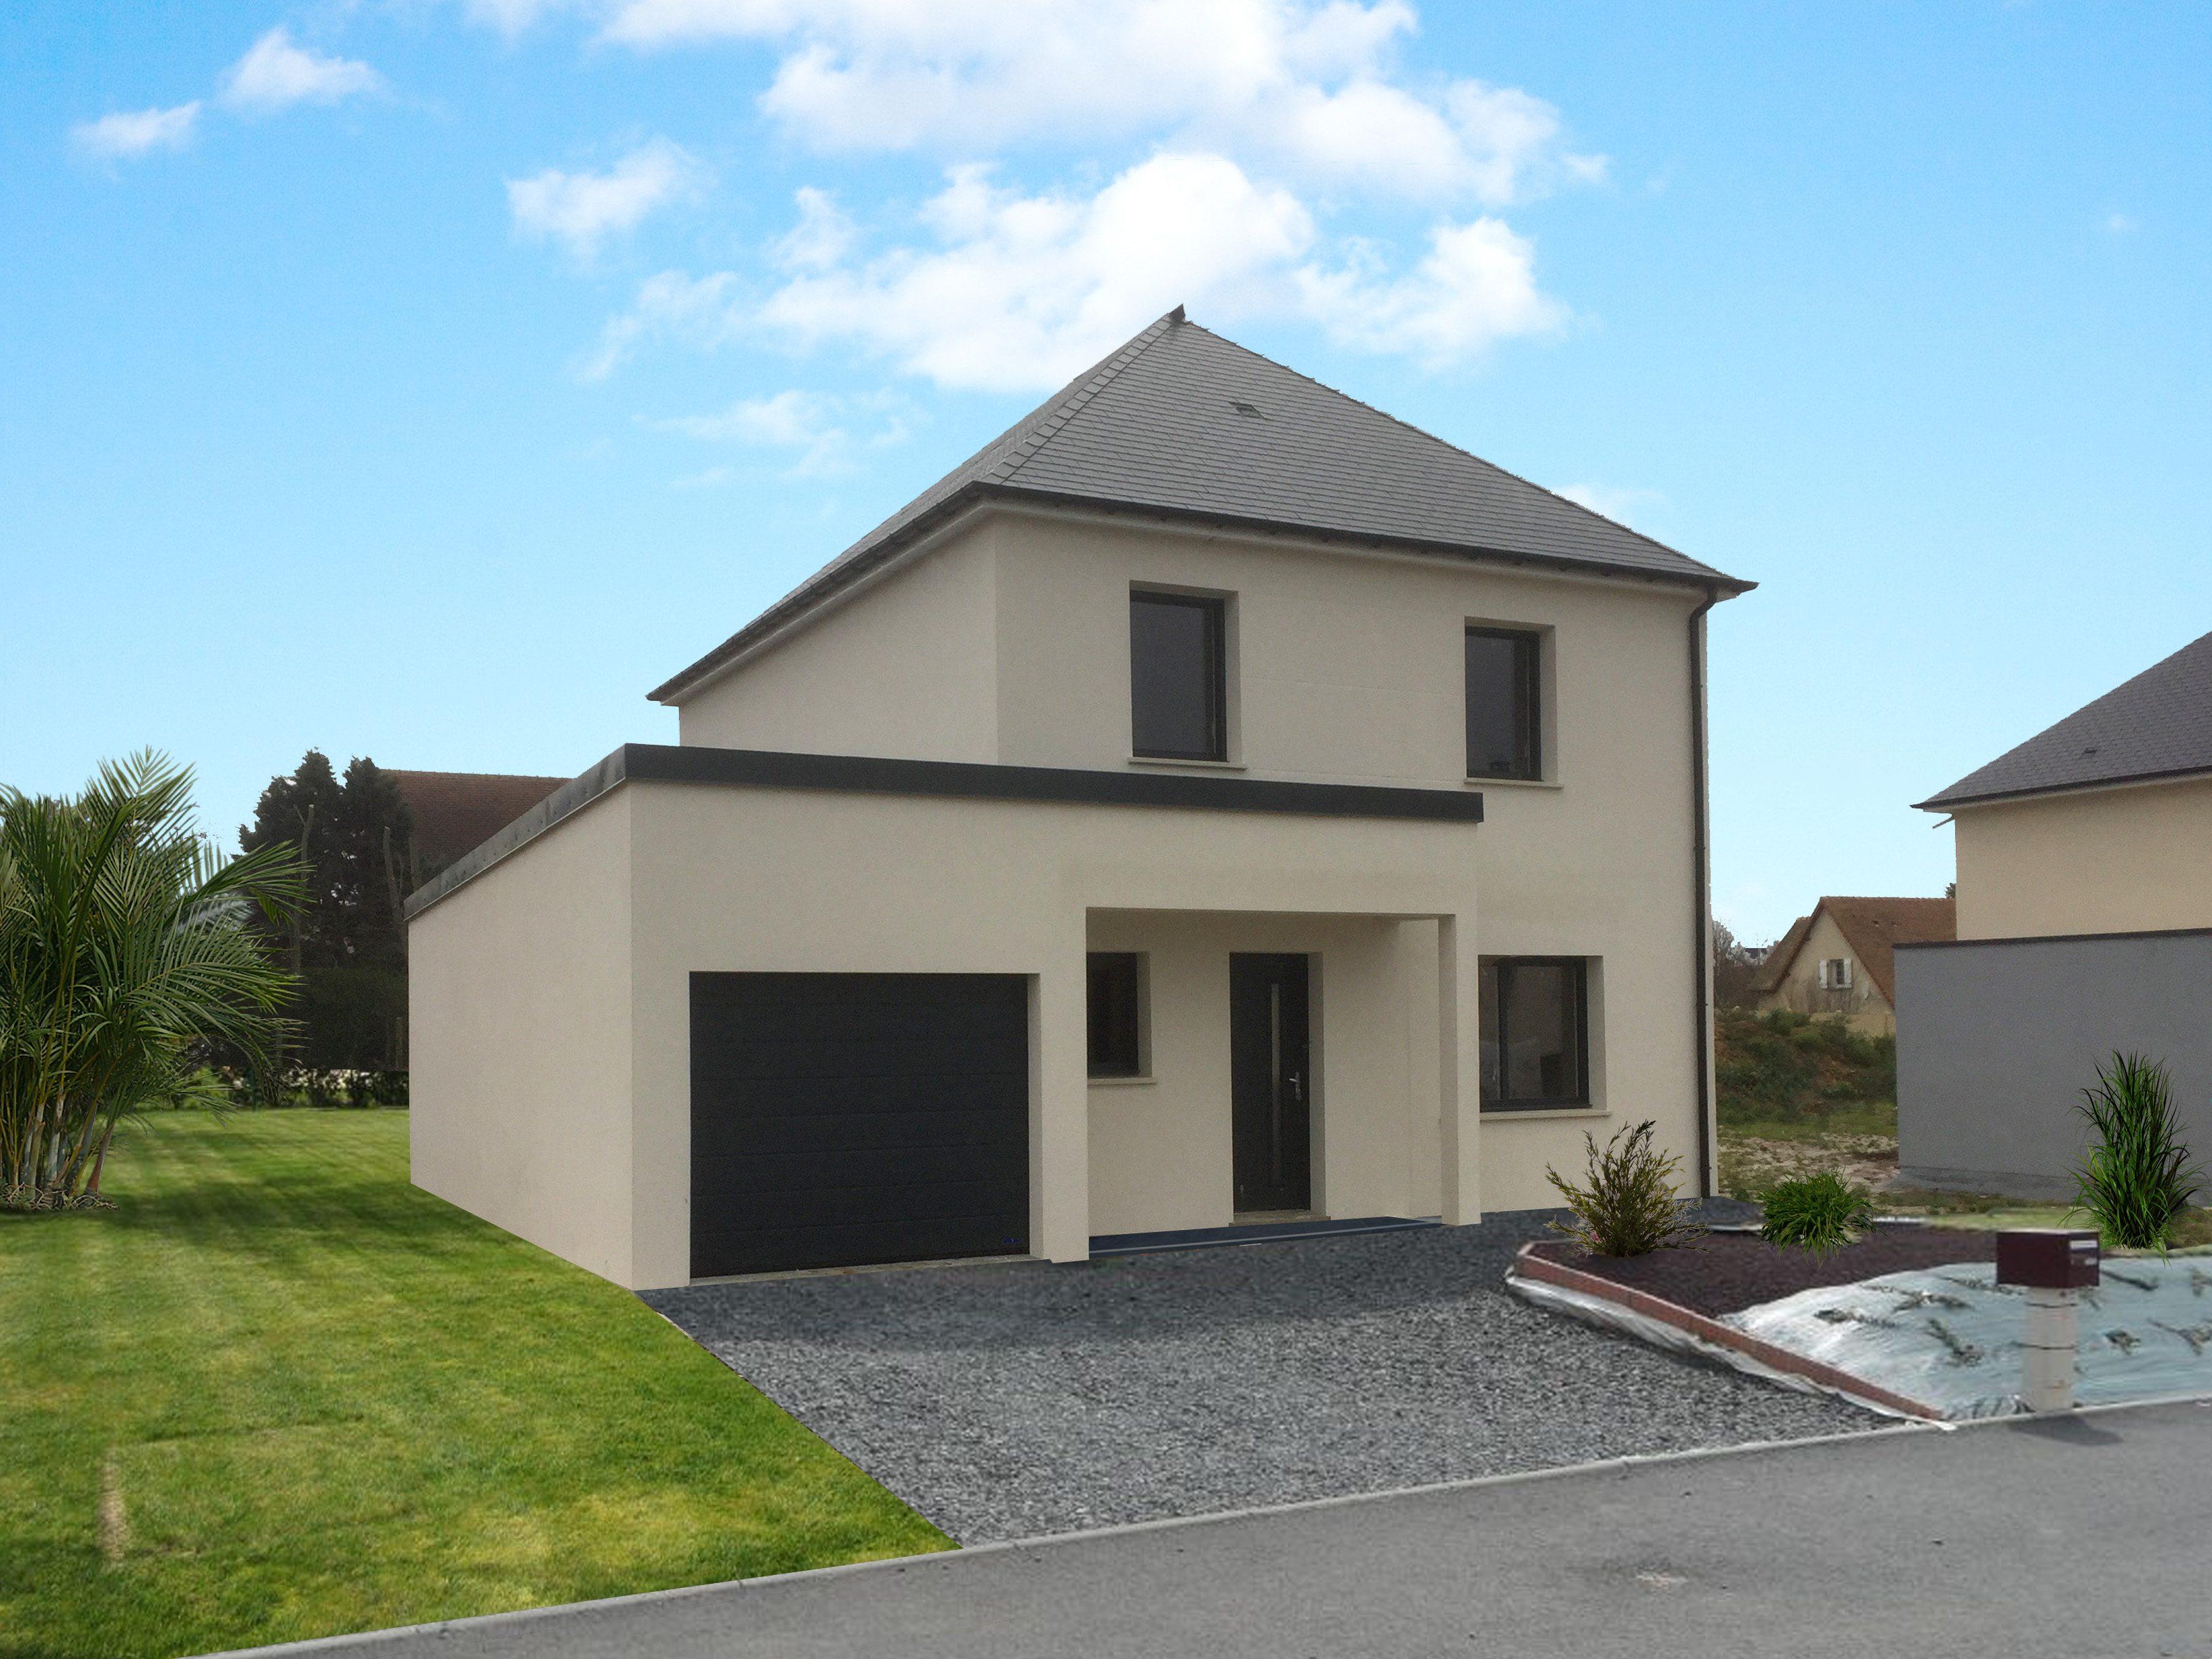 Maisons + Terrains du constructeur GEOXIA NORD OUEST • 110 m² • SAINT ETIENNE DU VAUVRAY